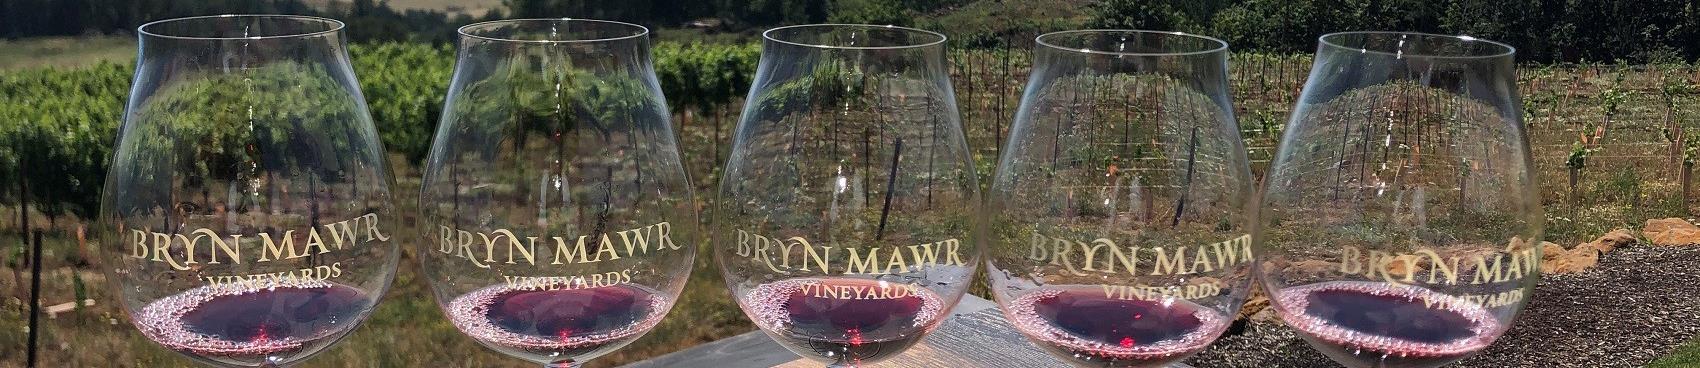 Reserve Pinot Noir Vertical Flight